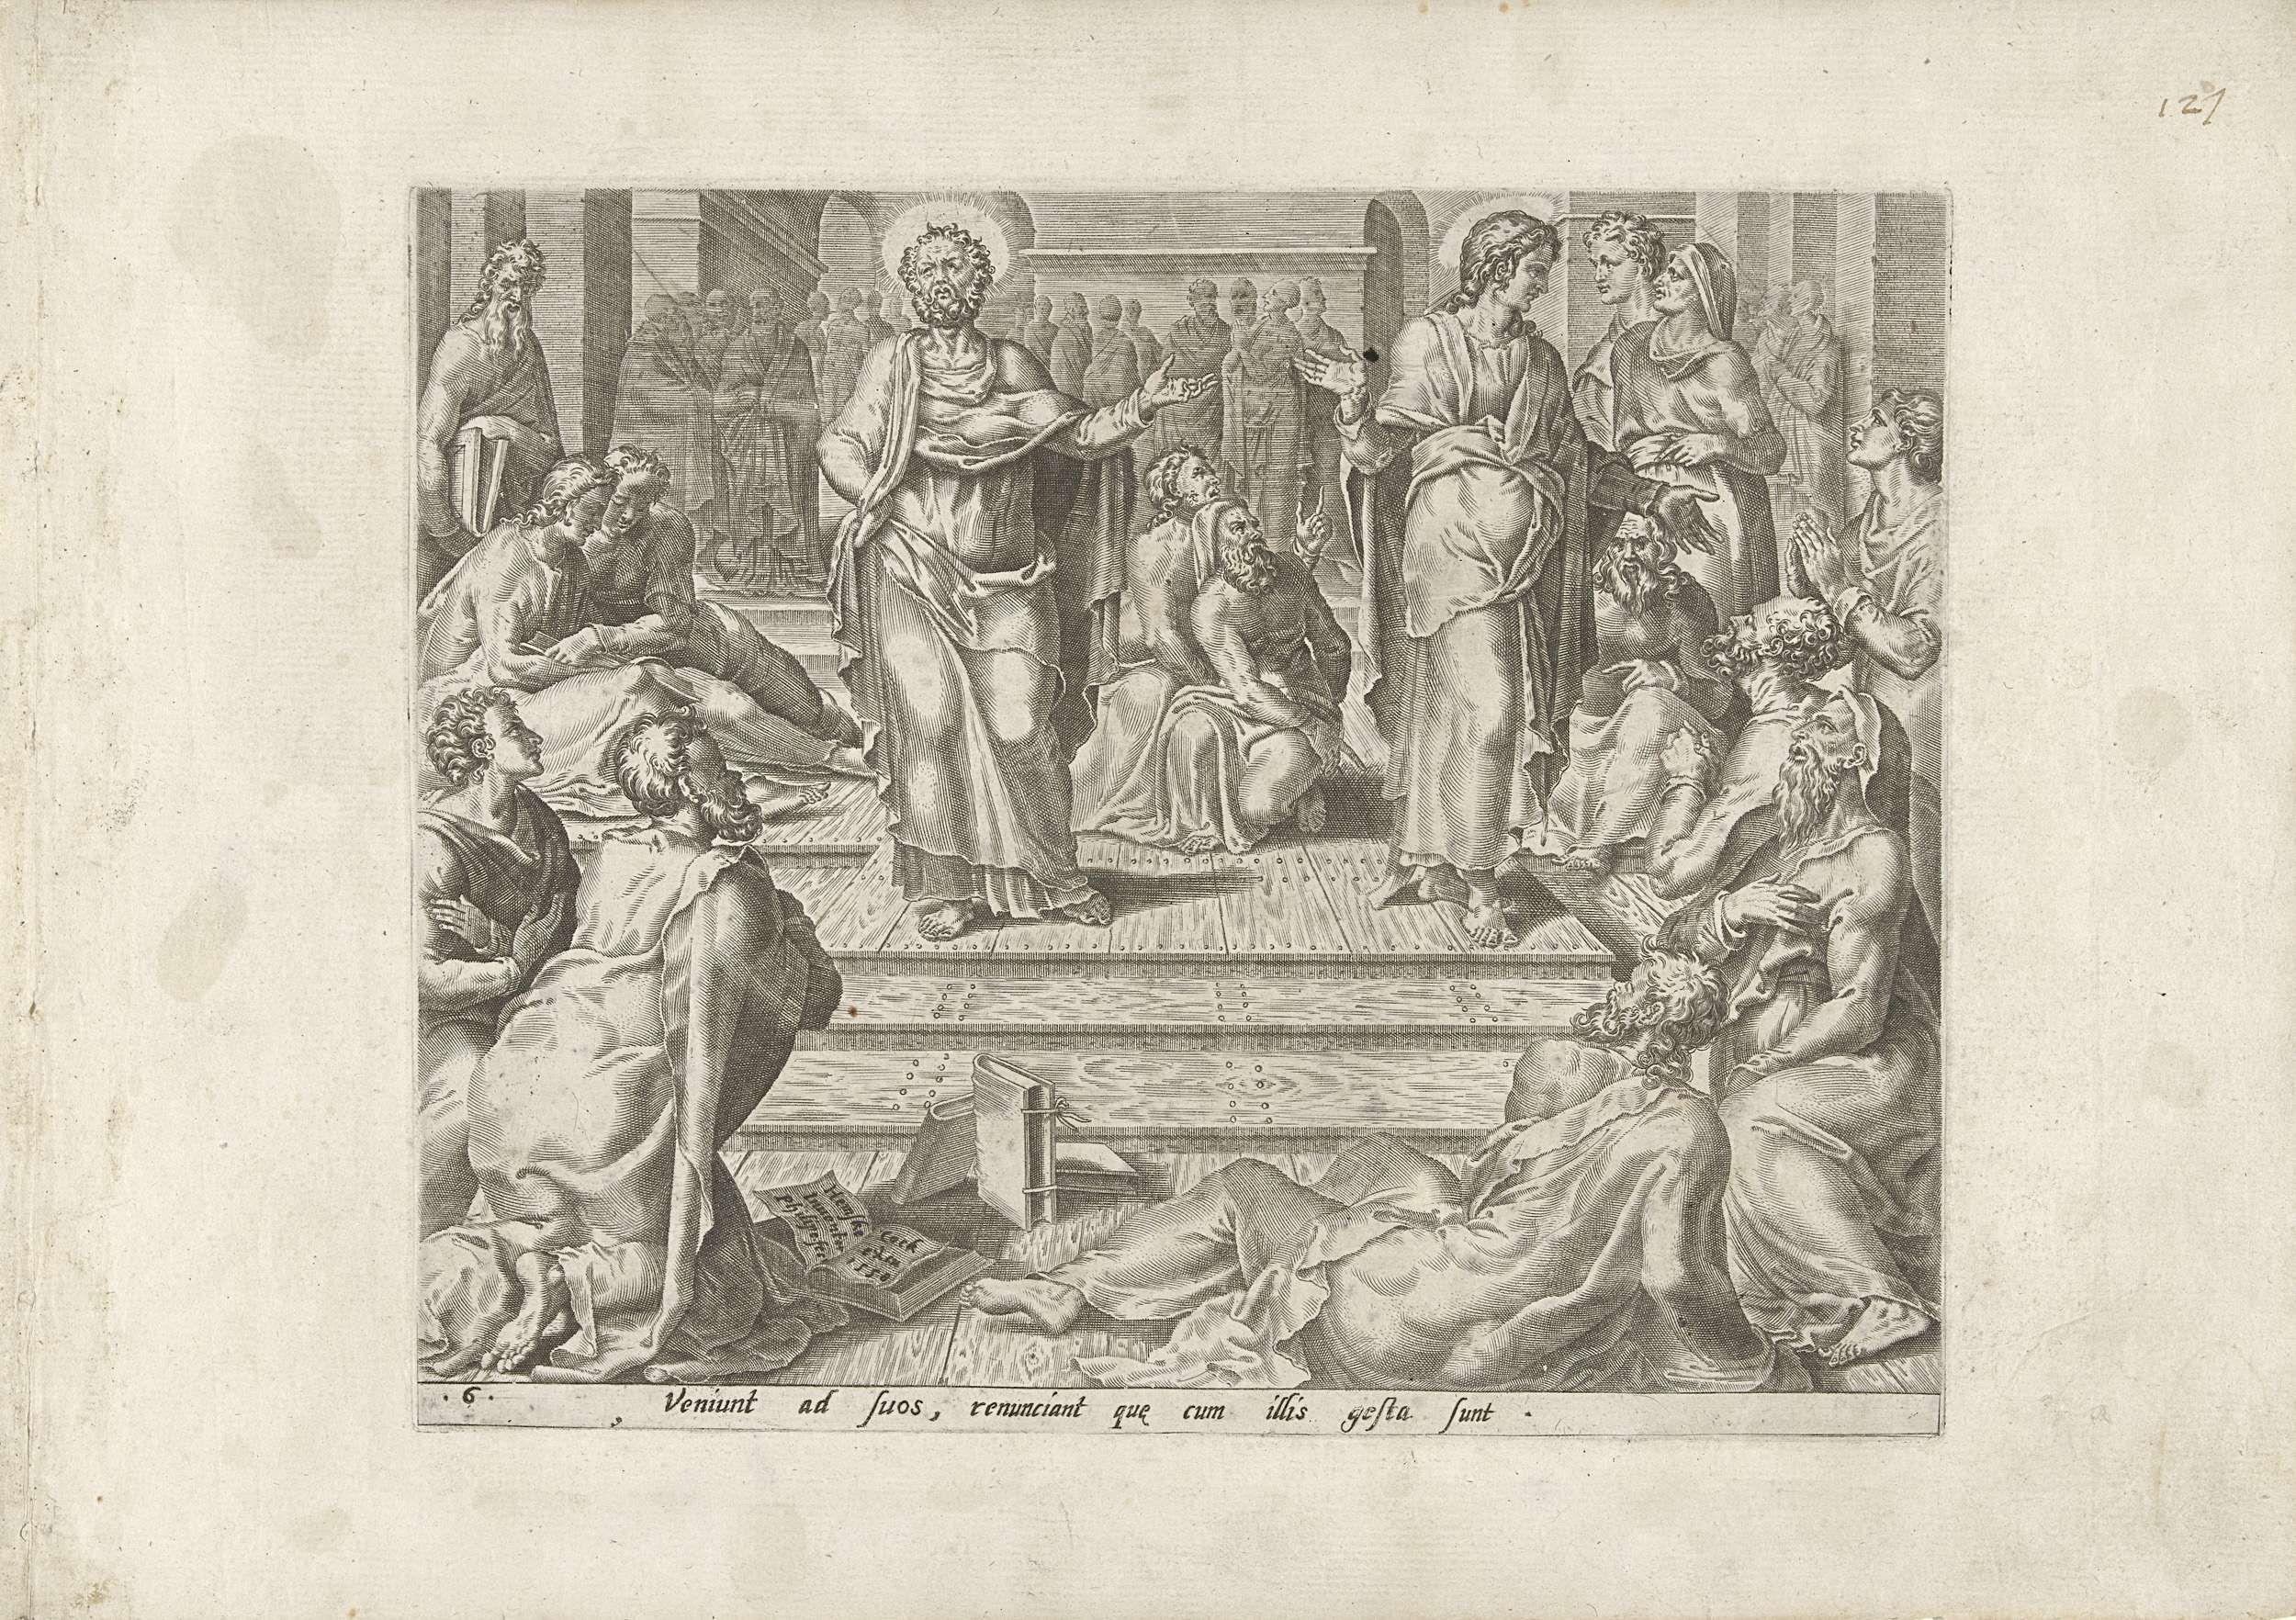 Philips Galle | Petrus en Johannes tussen hun leerlingen, Philips Galle, Hieronymus Cock, 1558 | Na hun vrijlating keren Petrus en Johannes terug naar hun leerlingen en vertellen wat er gebeurd is. Petrus en Johannes staan in het midden, om hen heen zitten mannen in groepjes op de grond.